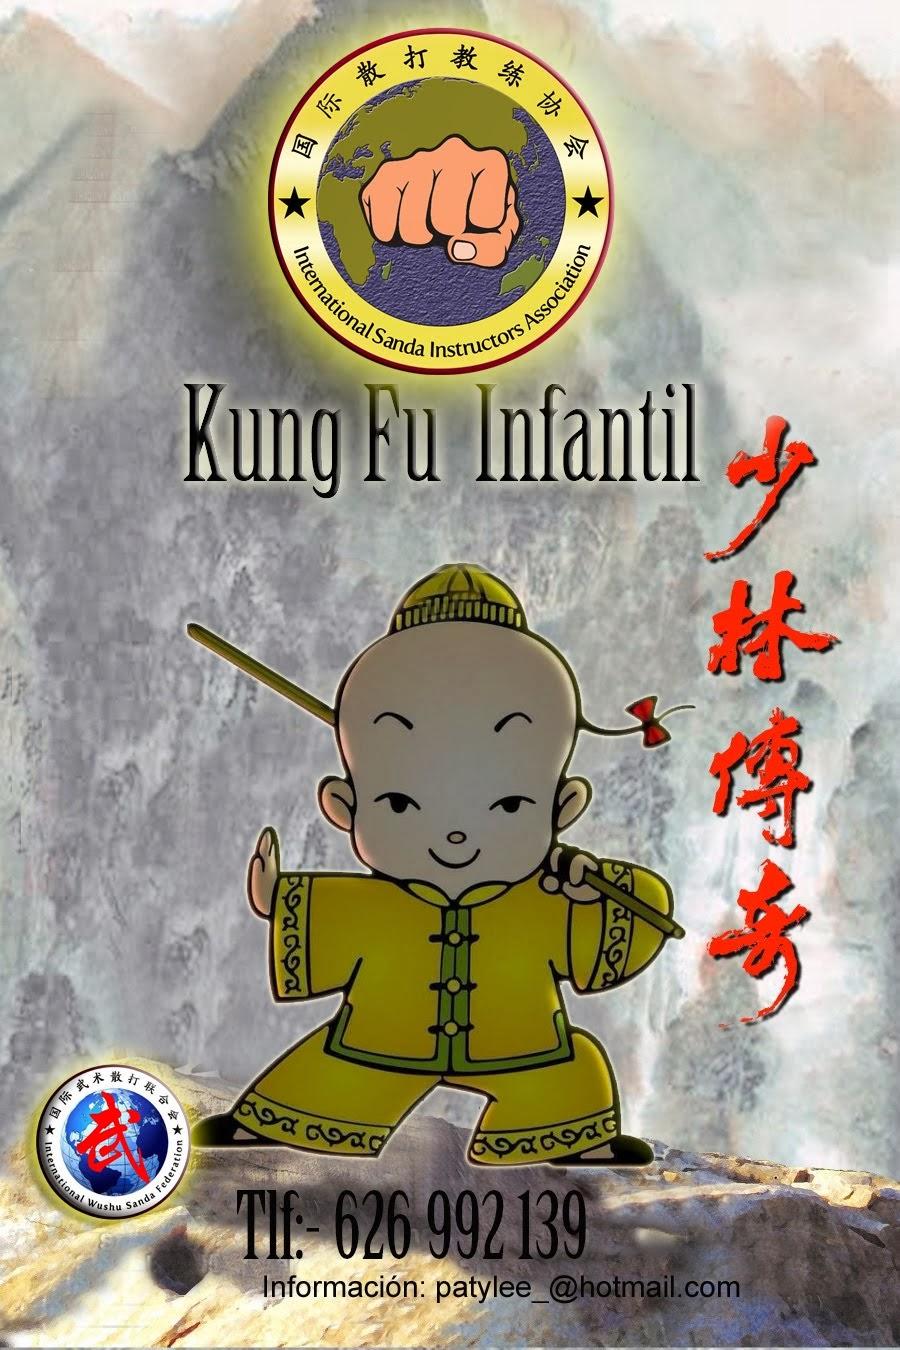 Kung Fu Infantil - Arte Marcial